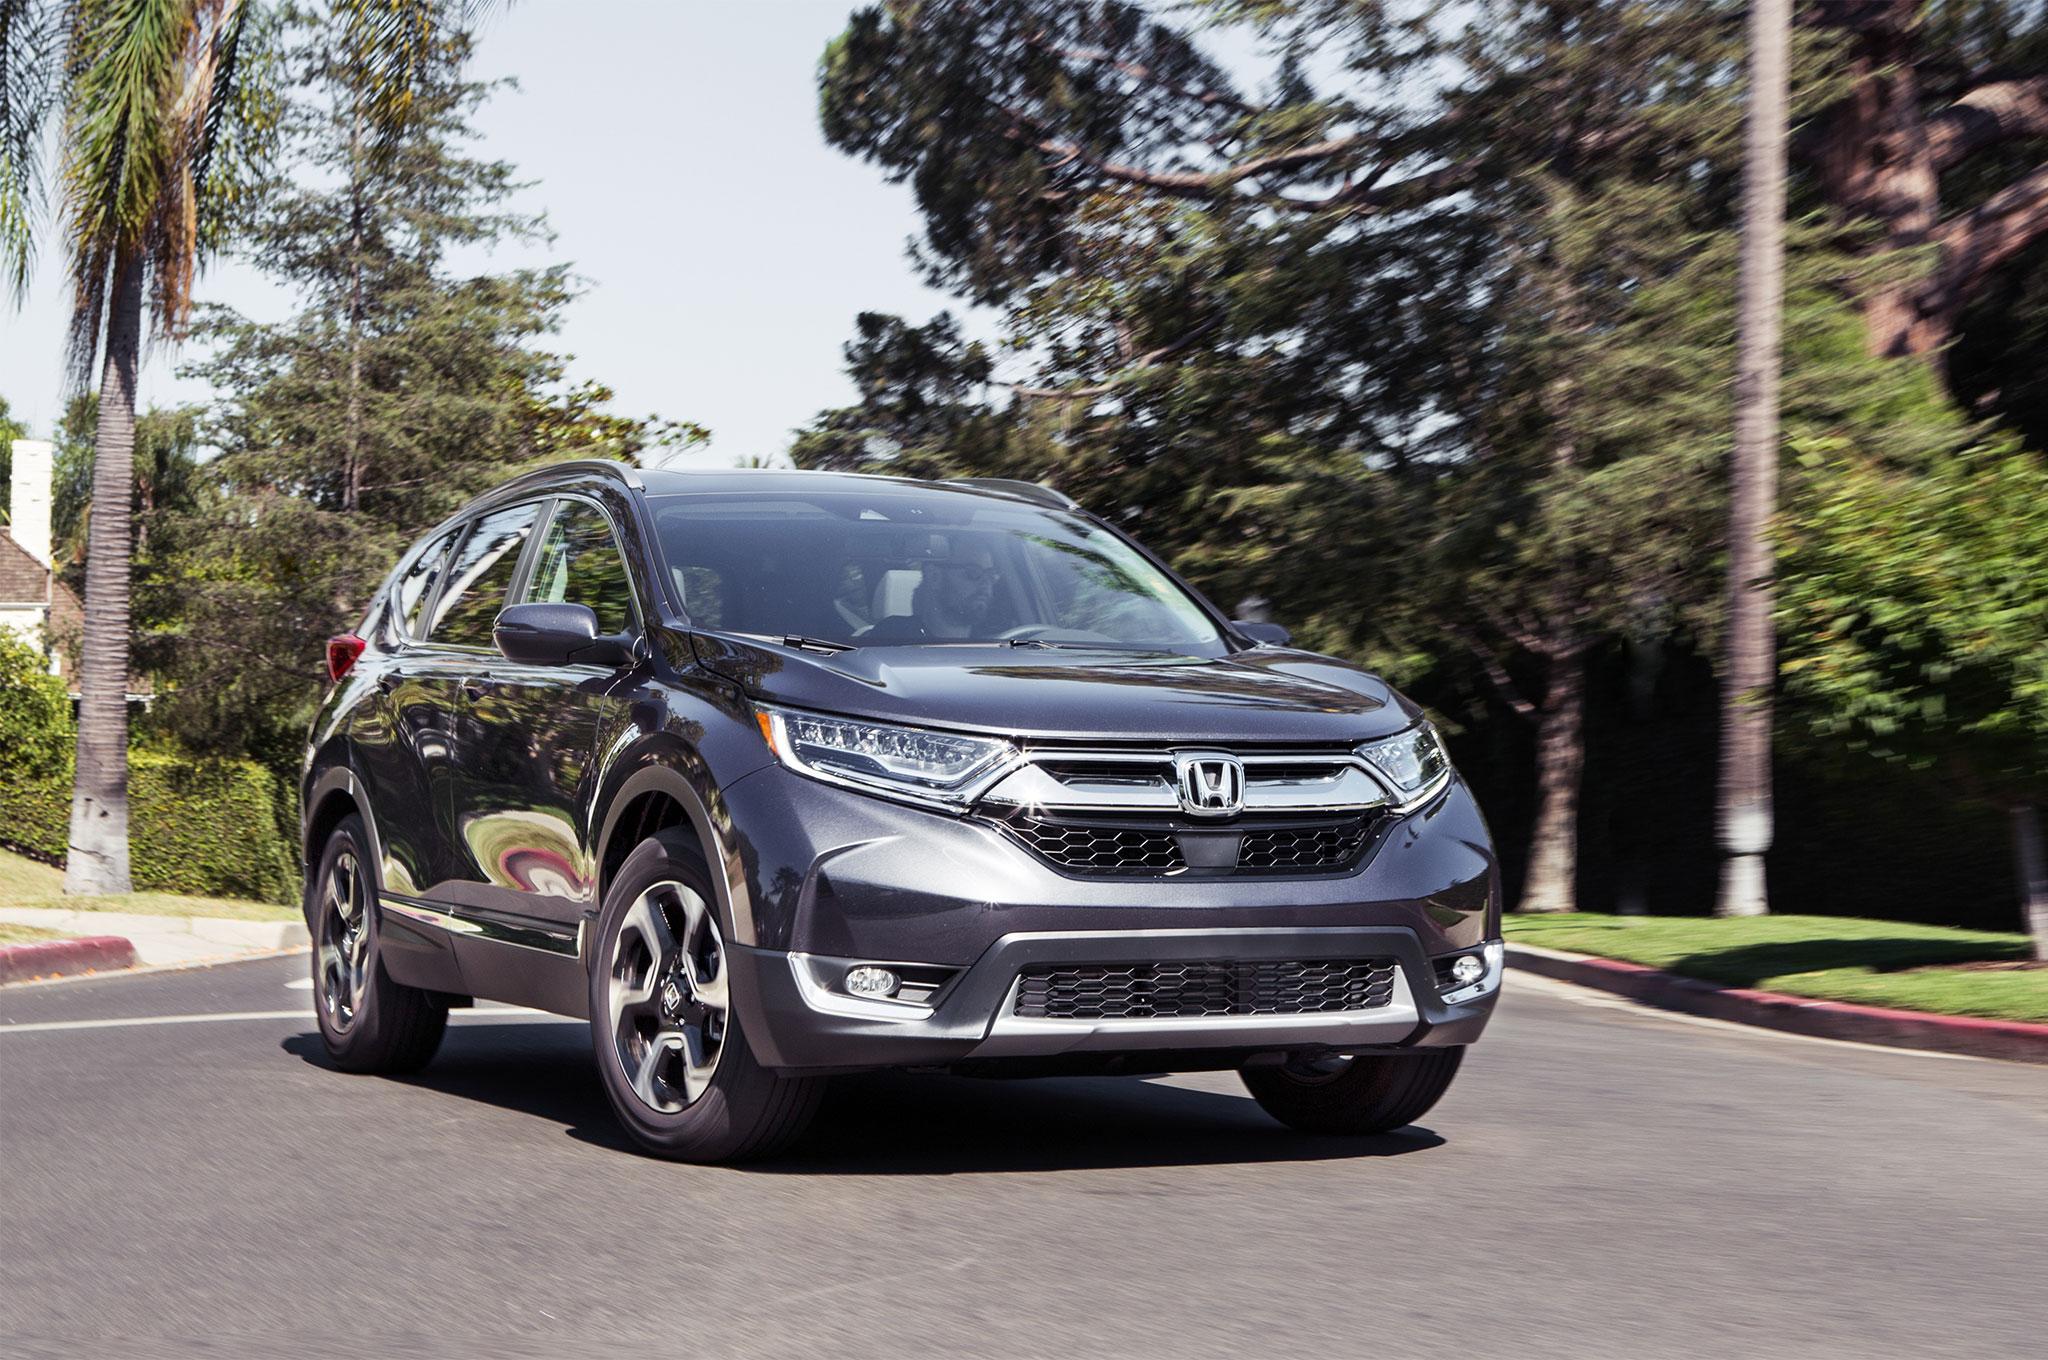 2018 Gmc Sierra >> Honda CR-V 2018 recibe ligero incremento en su precio ...